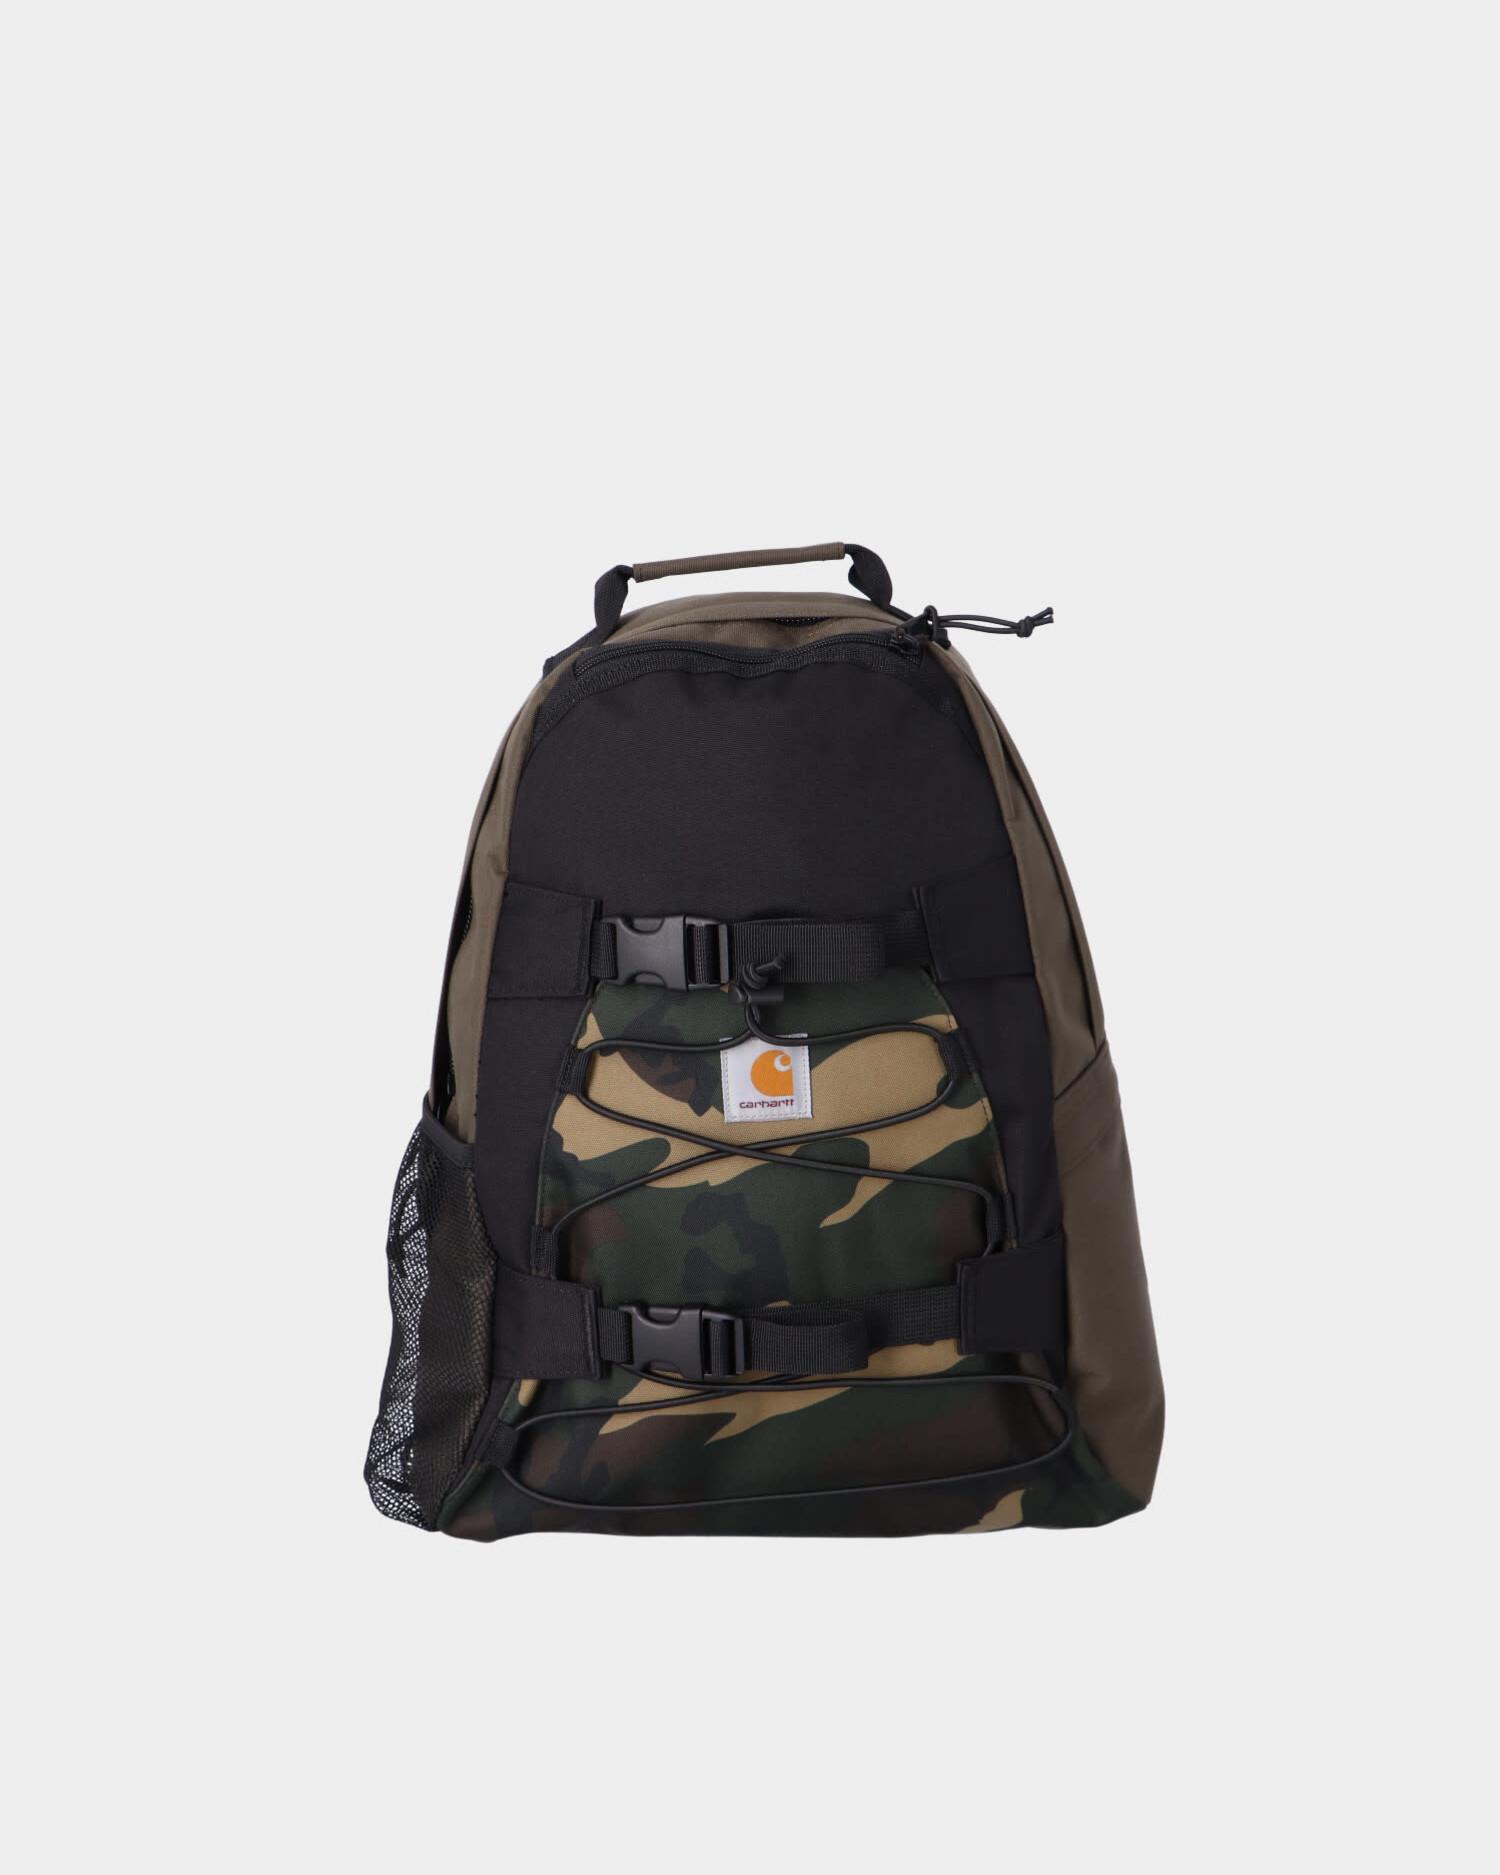 Carhartt Kickflip Backpack Black Multicolor